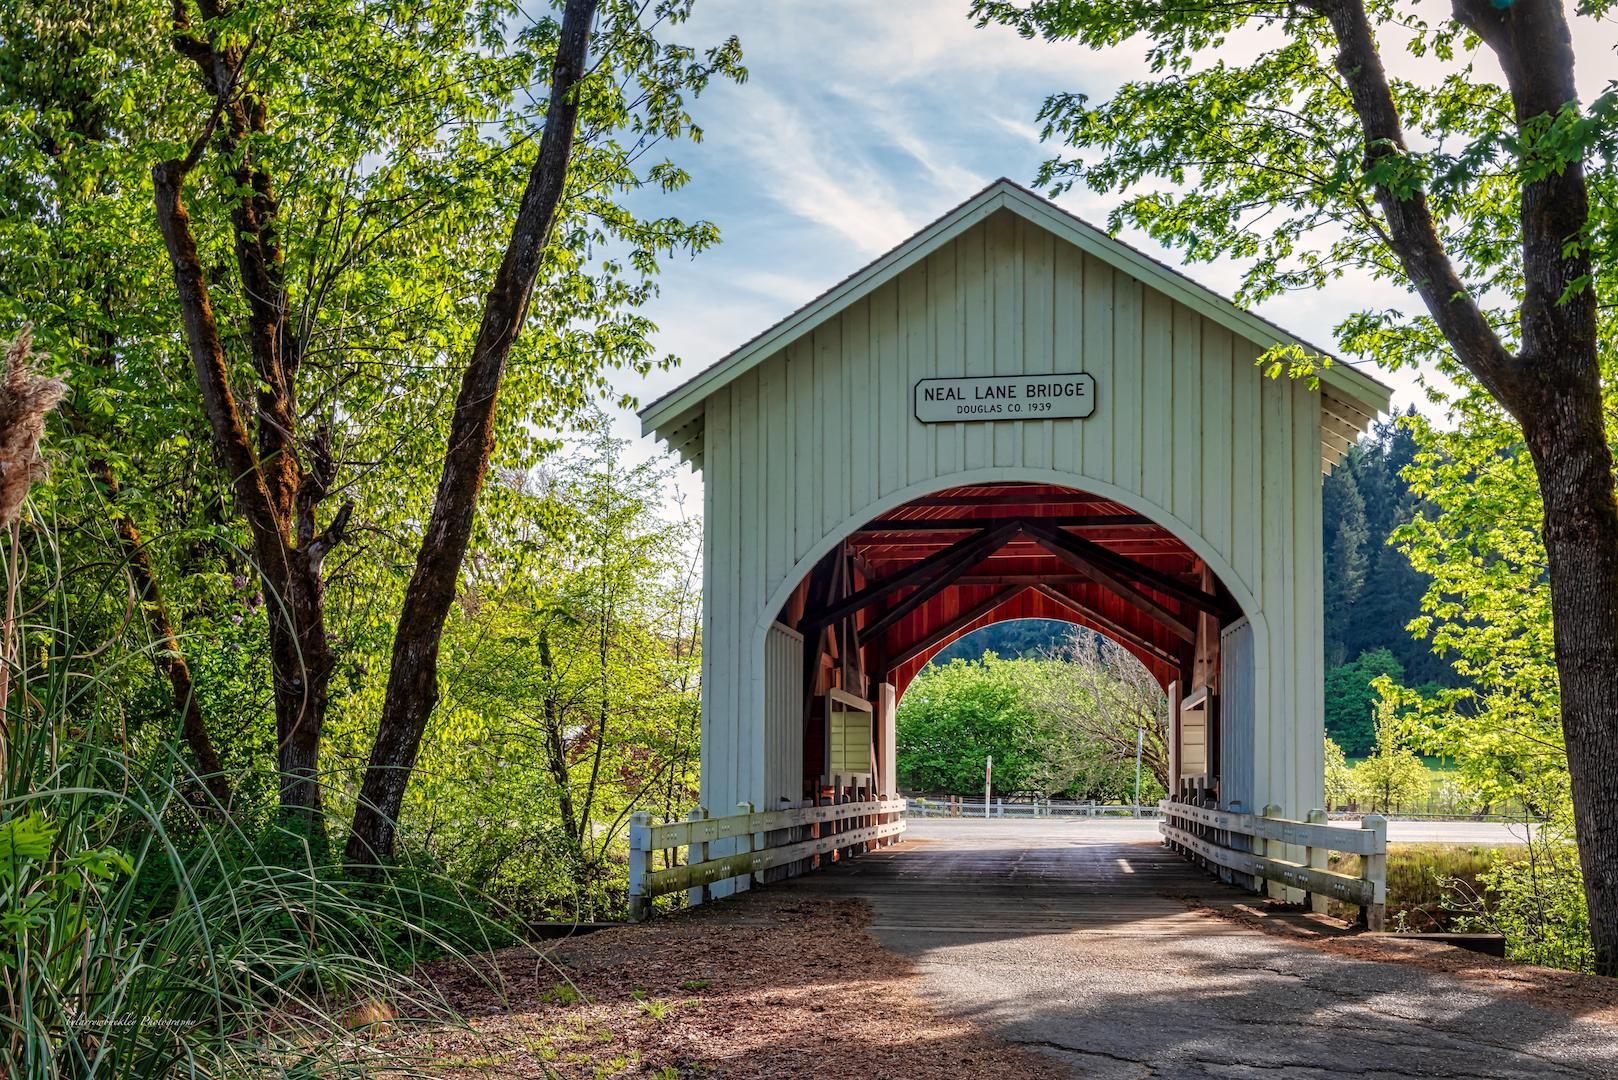 Neal Lane Bridge